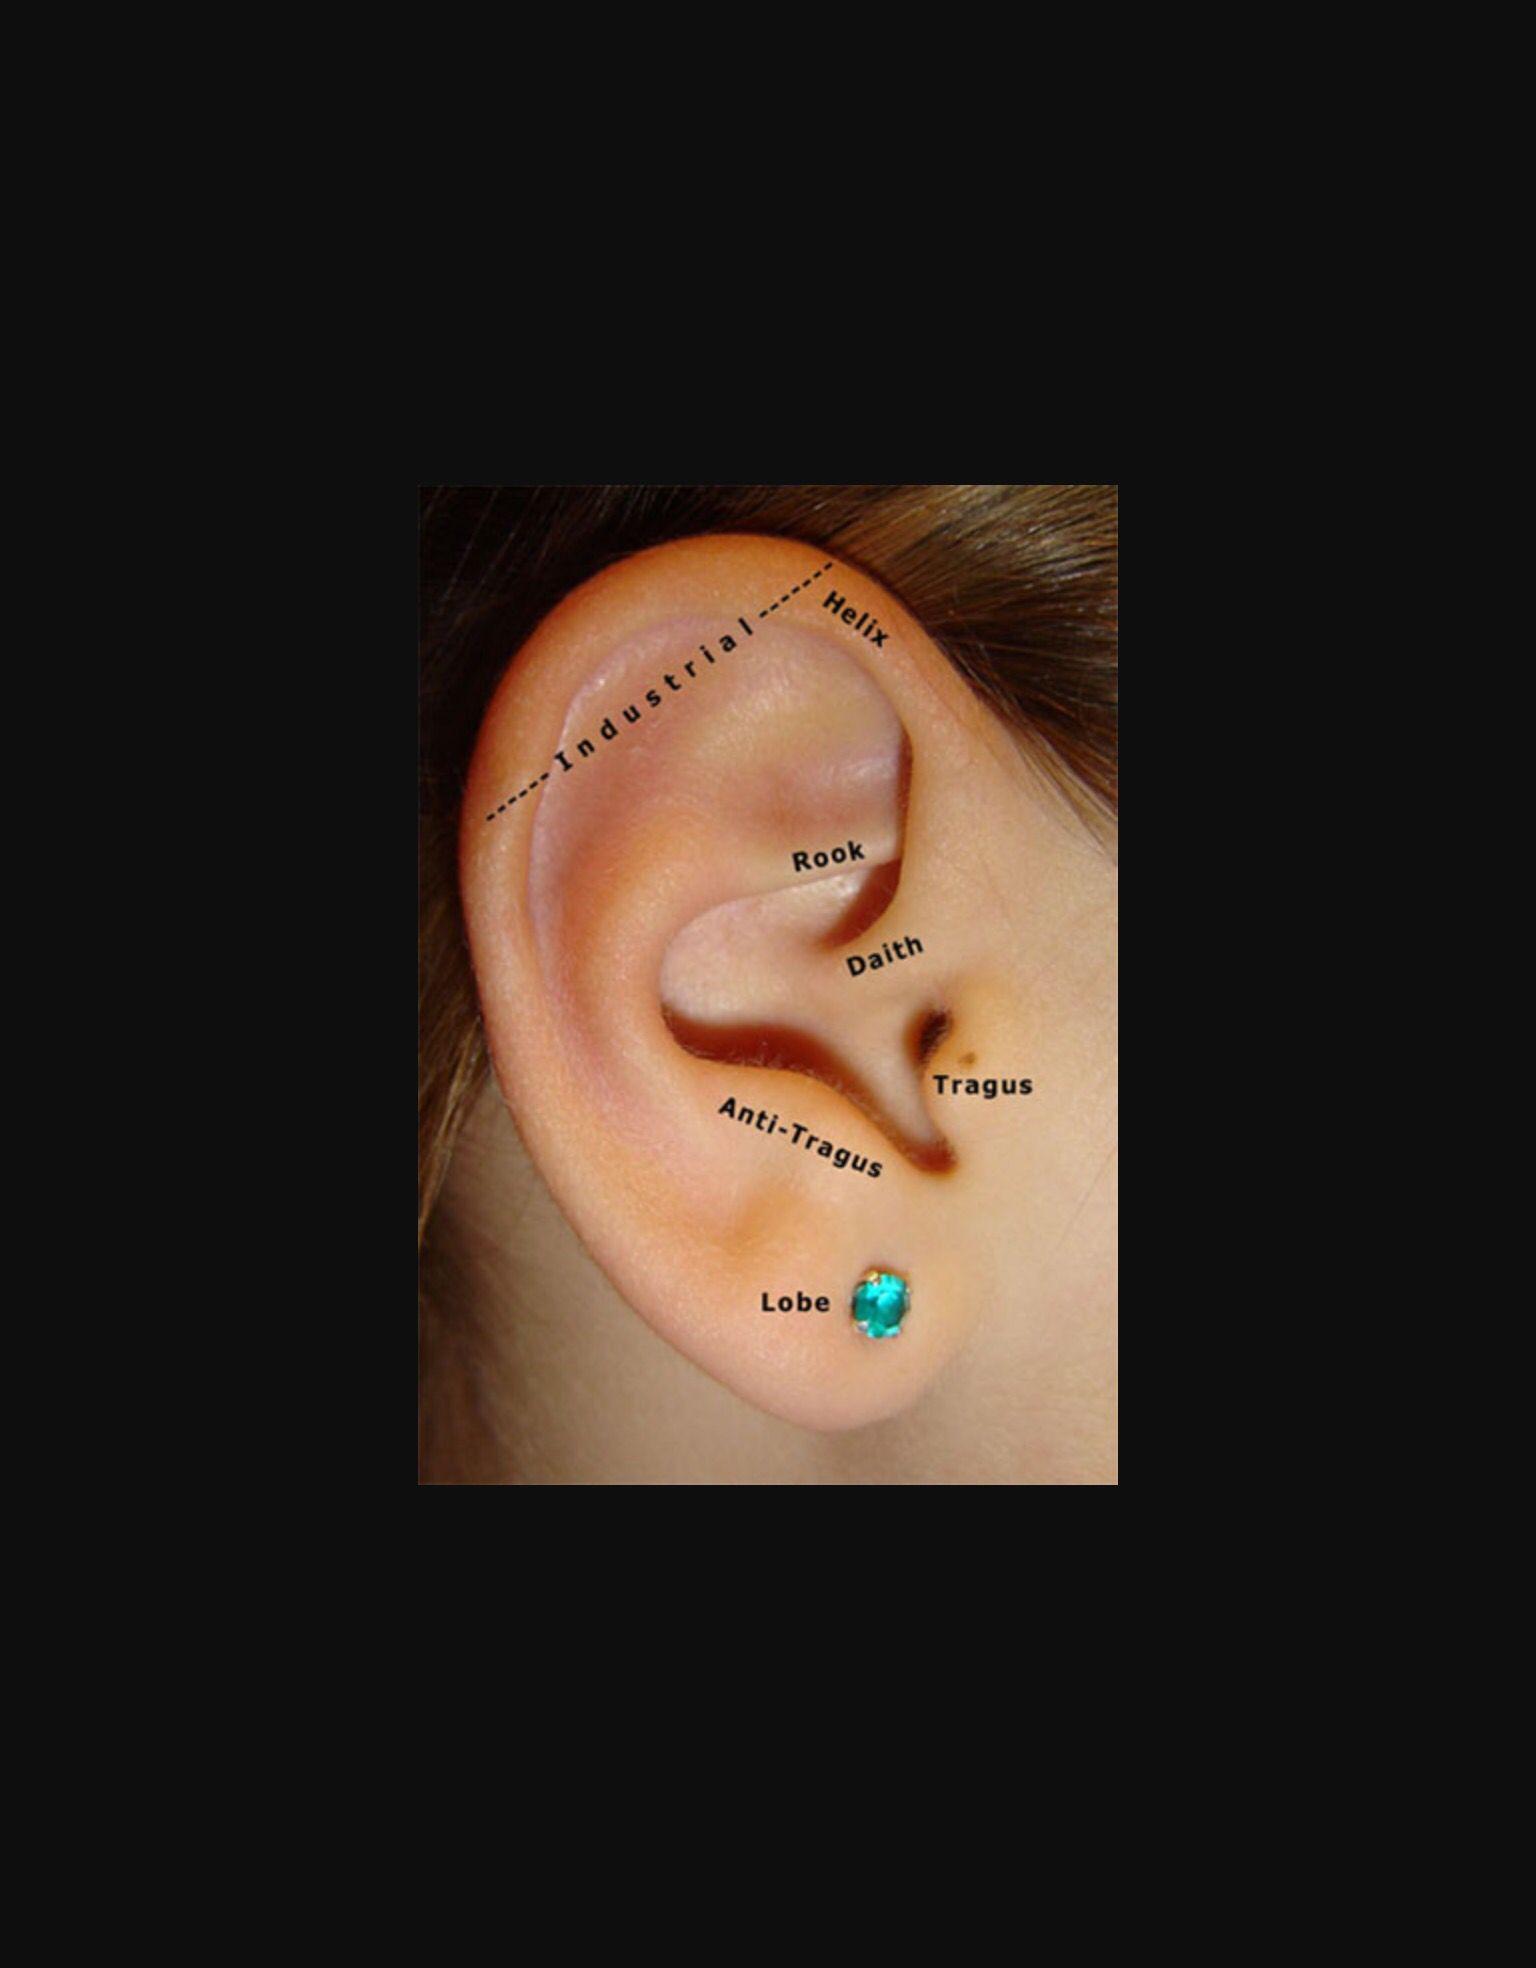 Double nose piercing plus septum  piercing  Piercings  Pinterest  Piercing and Piercings